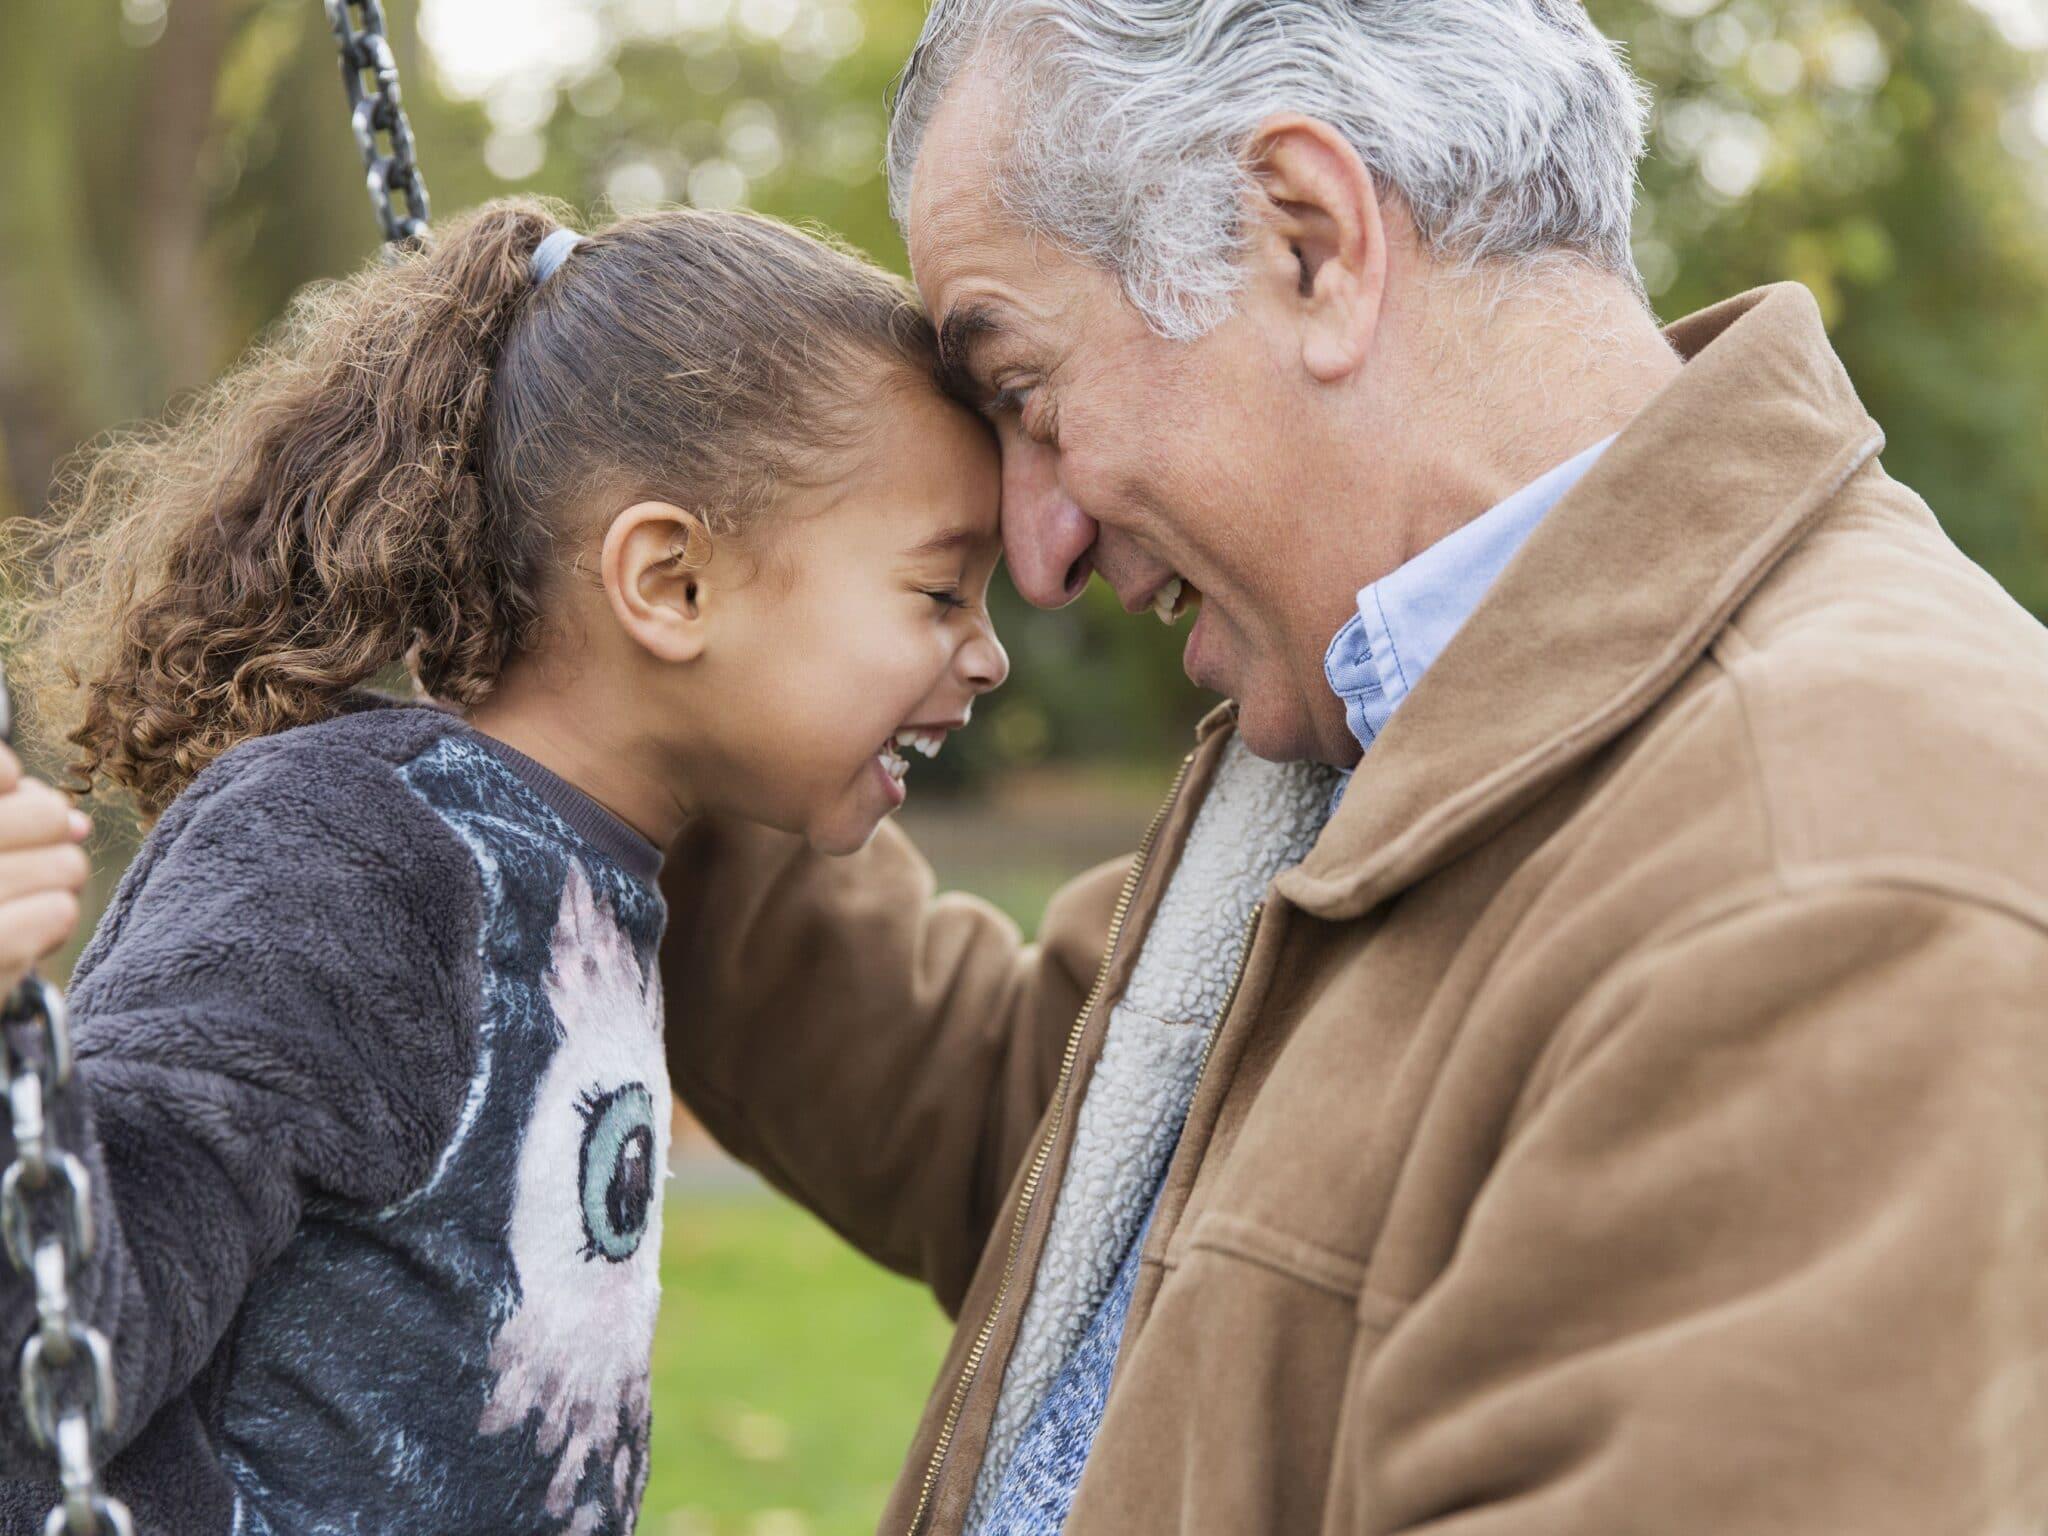 Pessima idea isolare gli anziani.<br> Ripercorriamo l'anno nero dei nonni: dalla proposta di Grillo di privarli del diritto di voto alla richiesta di rinchiuderli